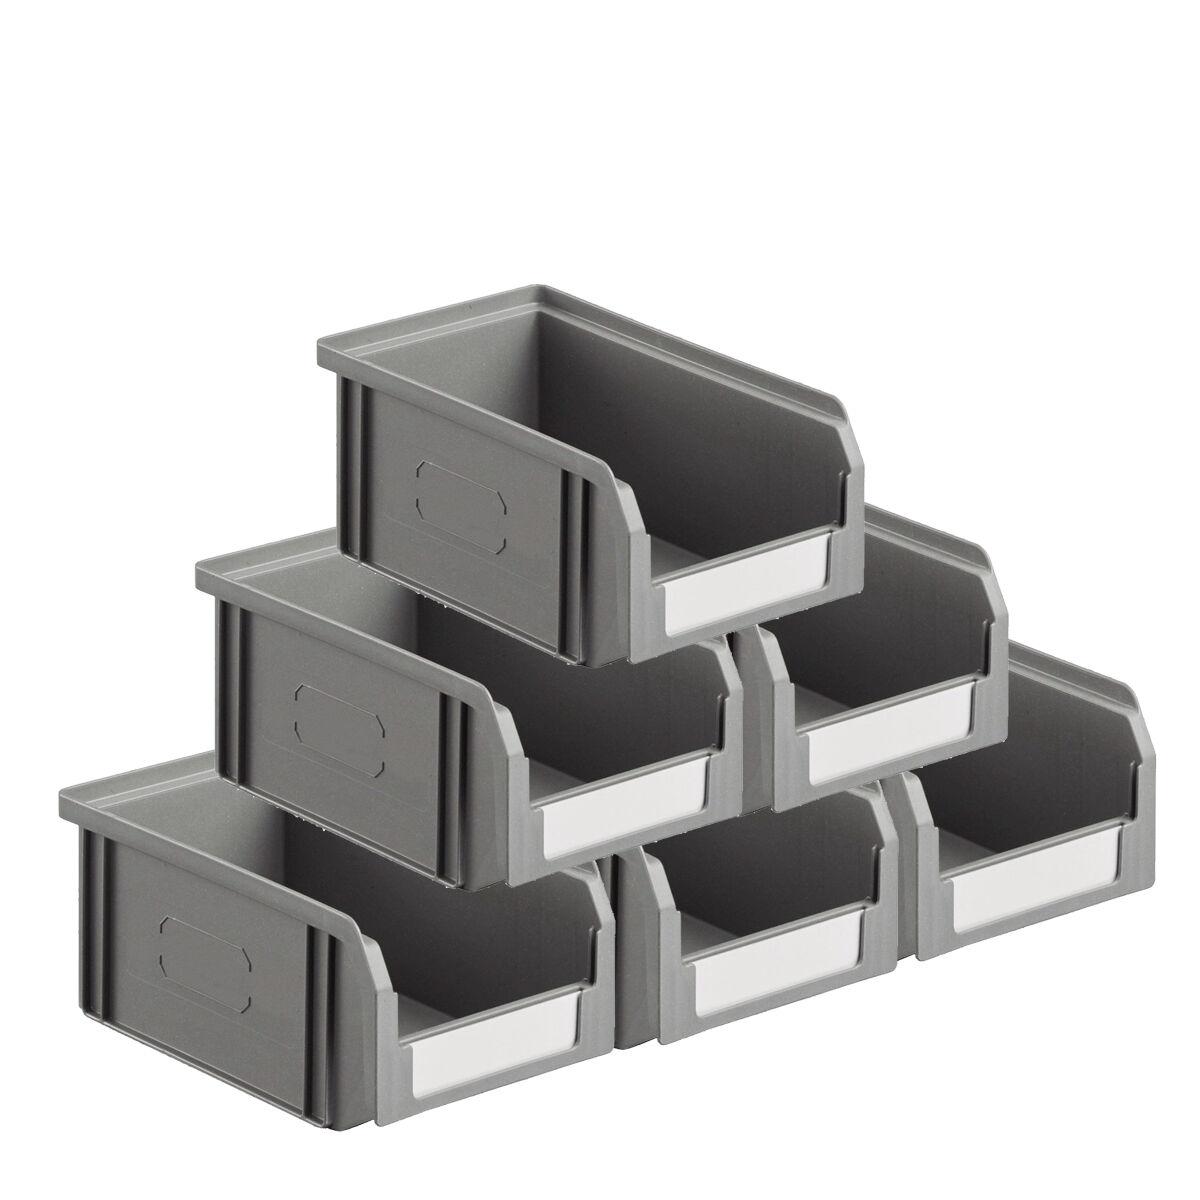 SETAM Carton 50 bacs à bec coloris gris volume 1 litre